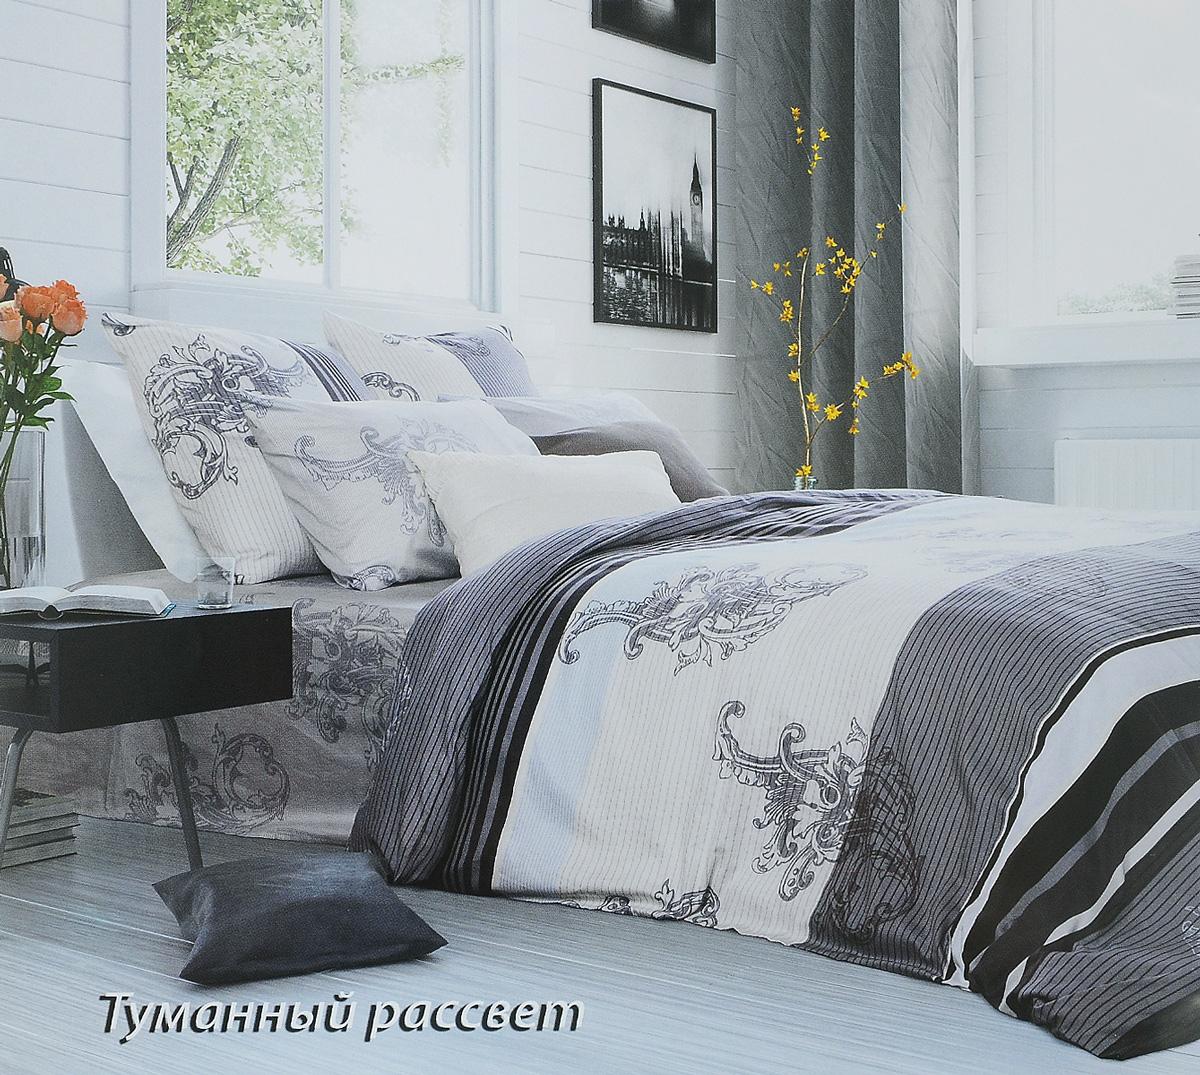 Комплект белья Tiffanys Secret Туманный рассвет, евро, наволочки 70х70, цвет: серый, белый10503Комплект постельного белья Tiffanys Secret Туманный рассвет является экологически безопасным для всей семьи, так как выполнен из сатина (100% хлопок). Комплект состоит из пододеяльника, простыни и двух наволочек. Предметы комплекта оформлены оригинальным рисунком.Благодаря такому комплекту постельного белья вы сможете создать атмосферу уюта и комфорта в вашей спальне.Сатин - это ткань, навсегда покорившая сердца человечества. Ценившие роскошь персы называли ее атлас, а искушенные в прекрасном французы - сатин. Секрет высококачественного сатина в безупречности всего технологического процесса. Эту благородную ткань делают только из отборной натуральной пряжи, которую получают из самого лучшего тонковолокнистого хлопка. Благодаря использованию самой тонкой хлопковой нити получается необычайно мягкое и нежное полотно. Сатиновое постельное белье превращает жаркие летние ночи в прохладные и освежающие, а холодные зимние - в теплые и согревающие. Сатин очень приятен на ощупь, постельное белье из него долговечно, выдерживает более 300 стирок, и лишь спустя долгое время материал начинает немного тускнеть. Оцените все достоинства постельного белья из сатина, выбирая самое лучшее для себя!